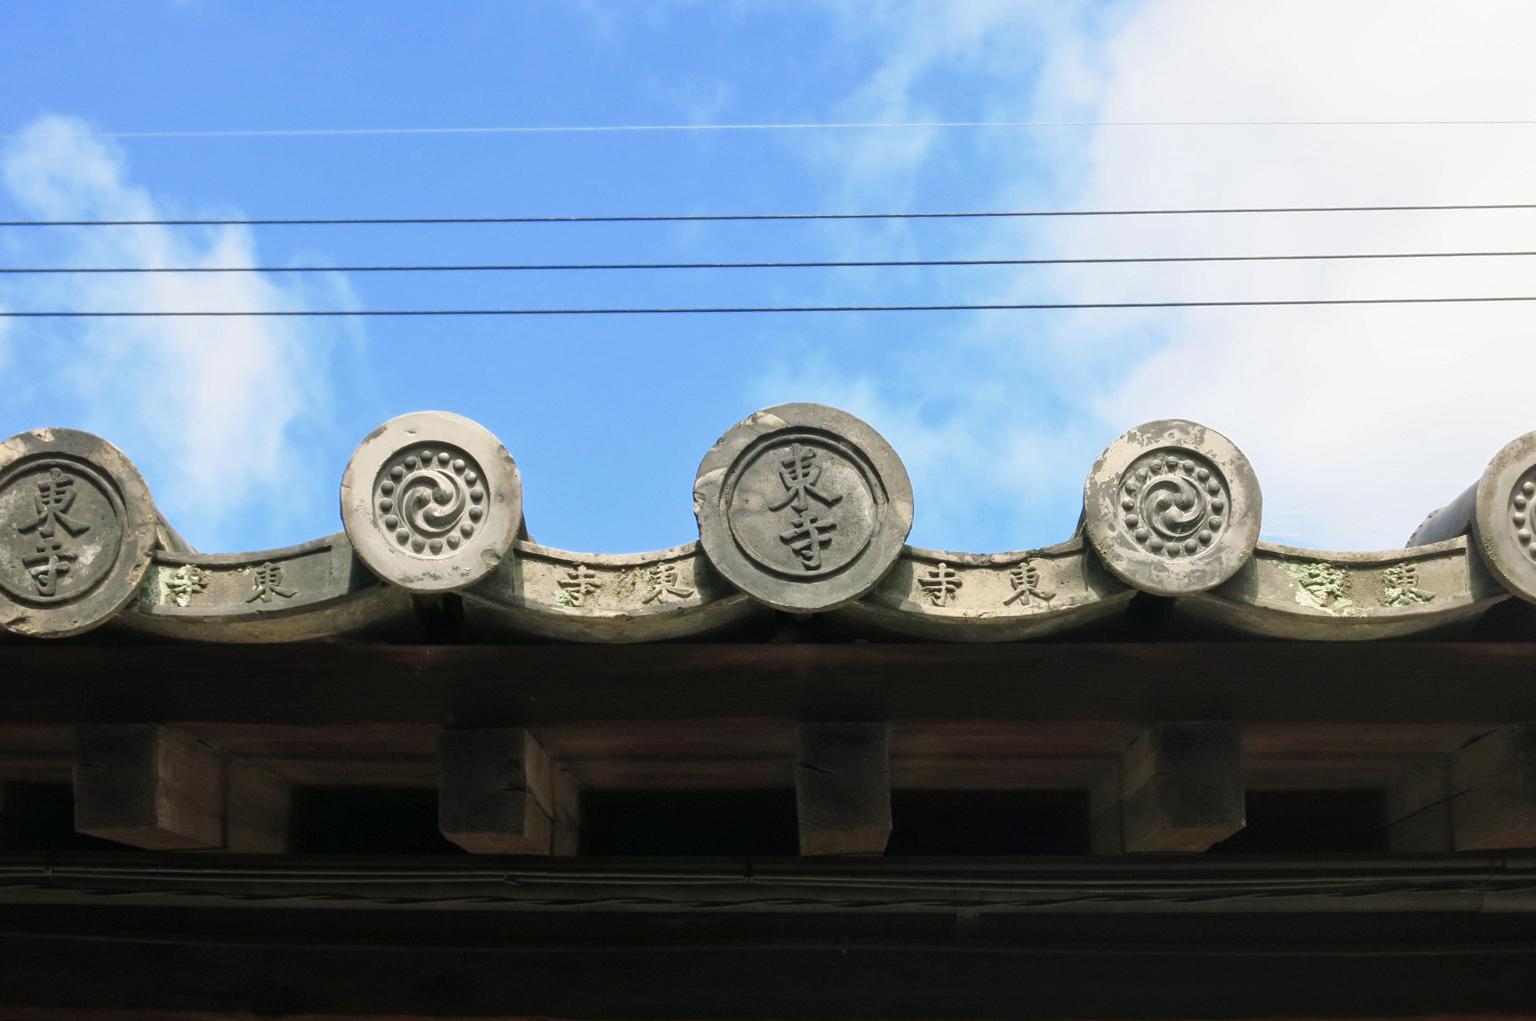 一部の瓦には「東寺」の文字が。